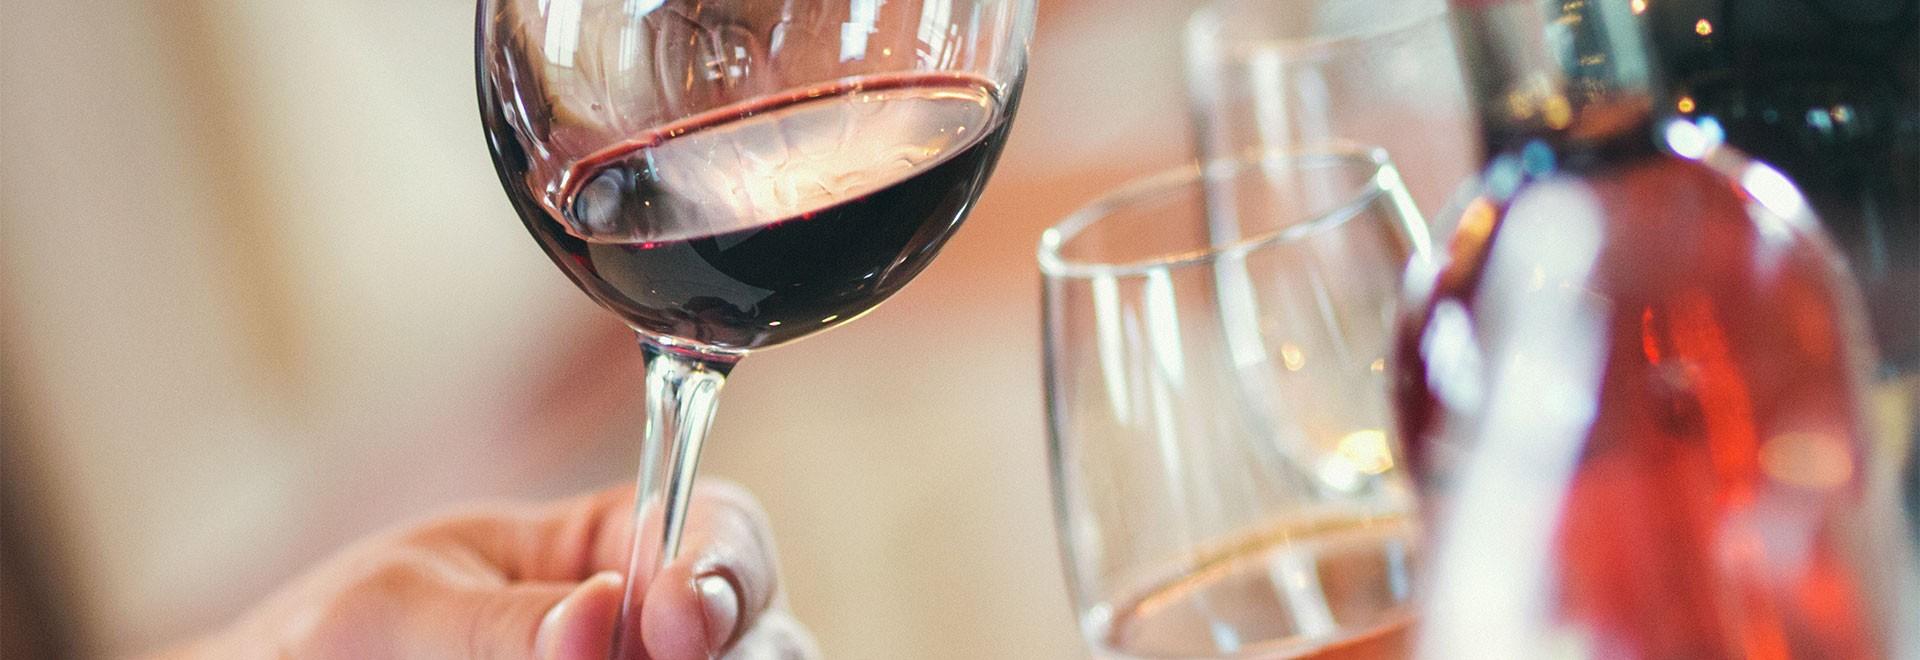 Cinq outils et accessoires pour s'initier à la dégustation de vin